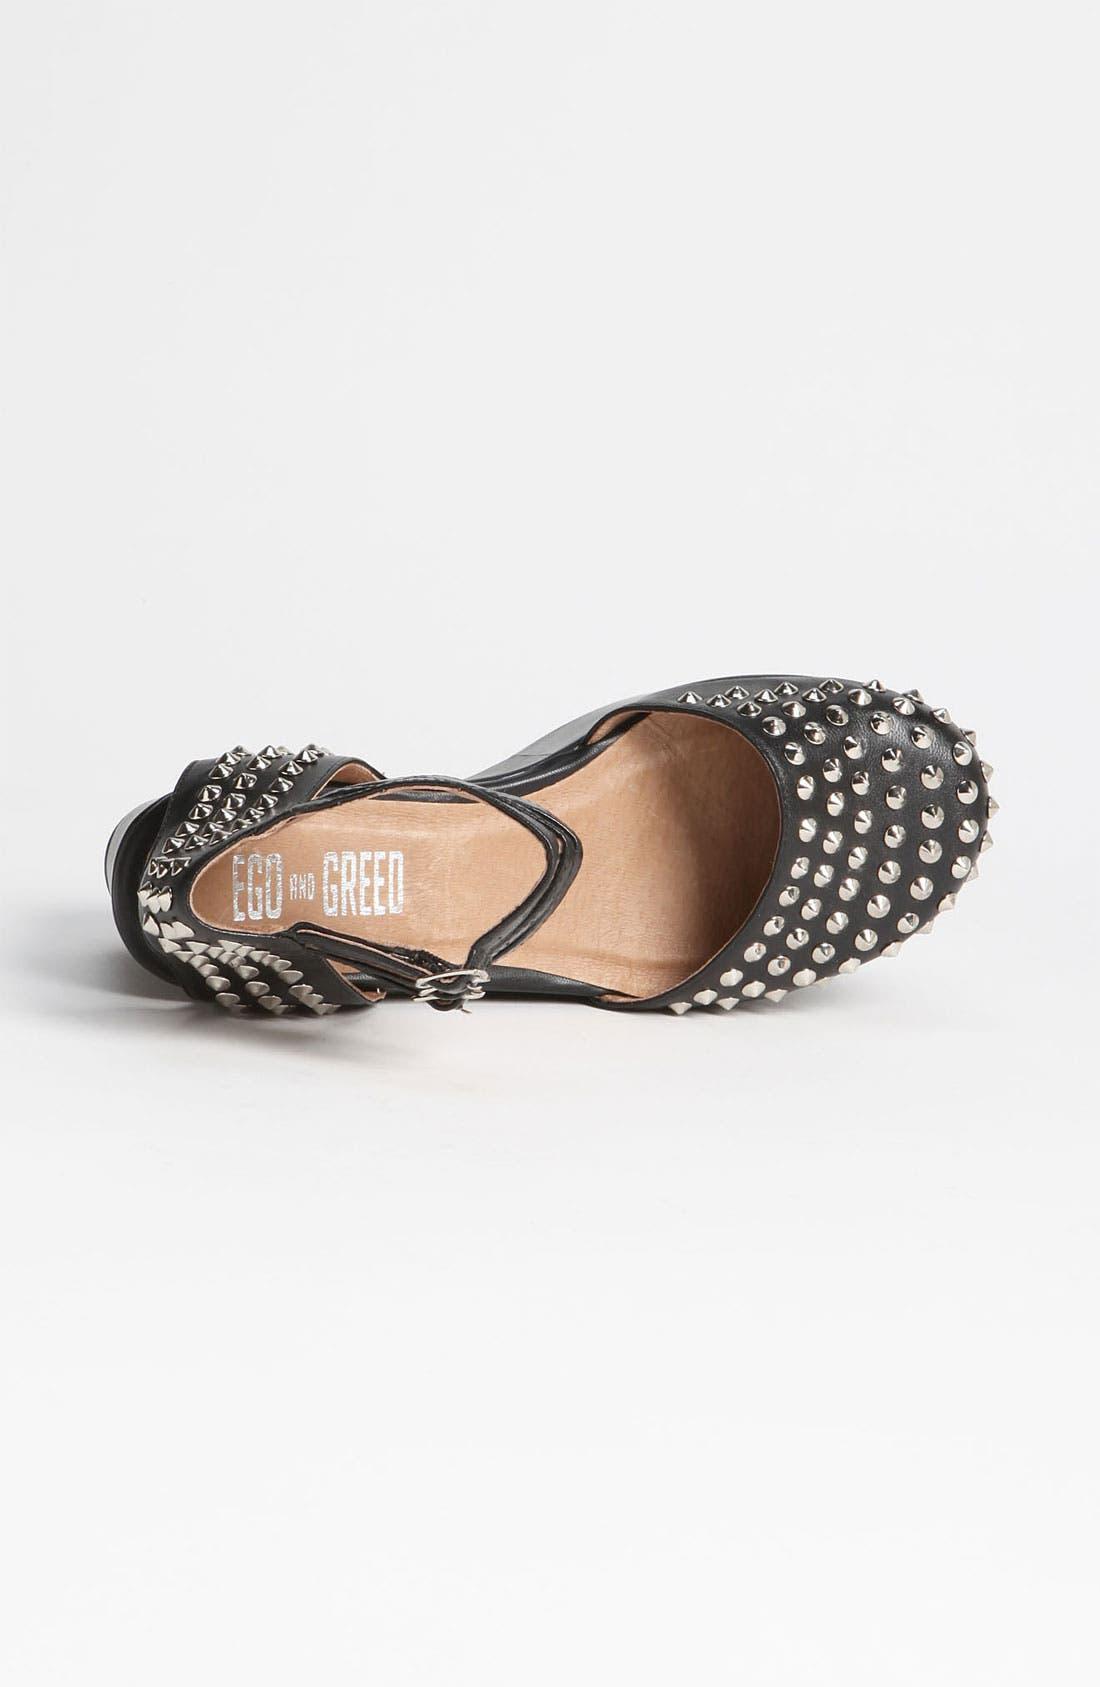 Alternate Image 3  - EGO and GREED 'She Cray' Platform Sandal